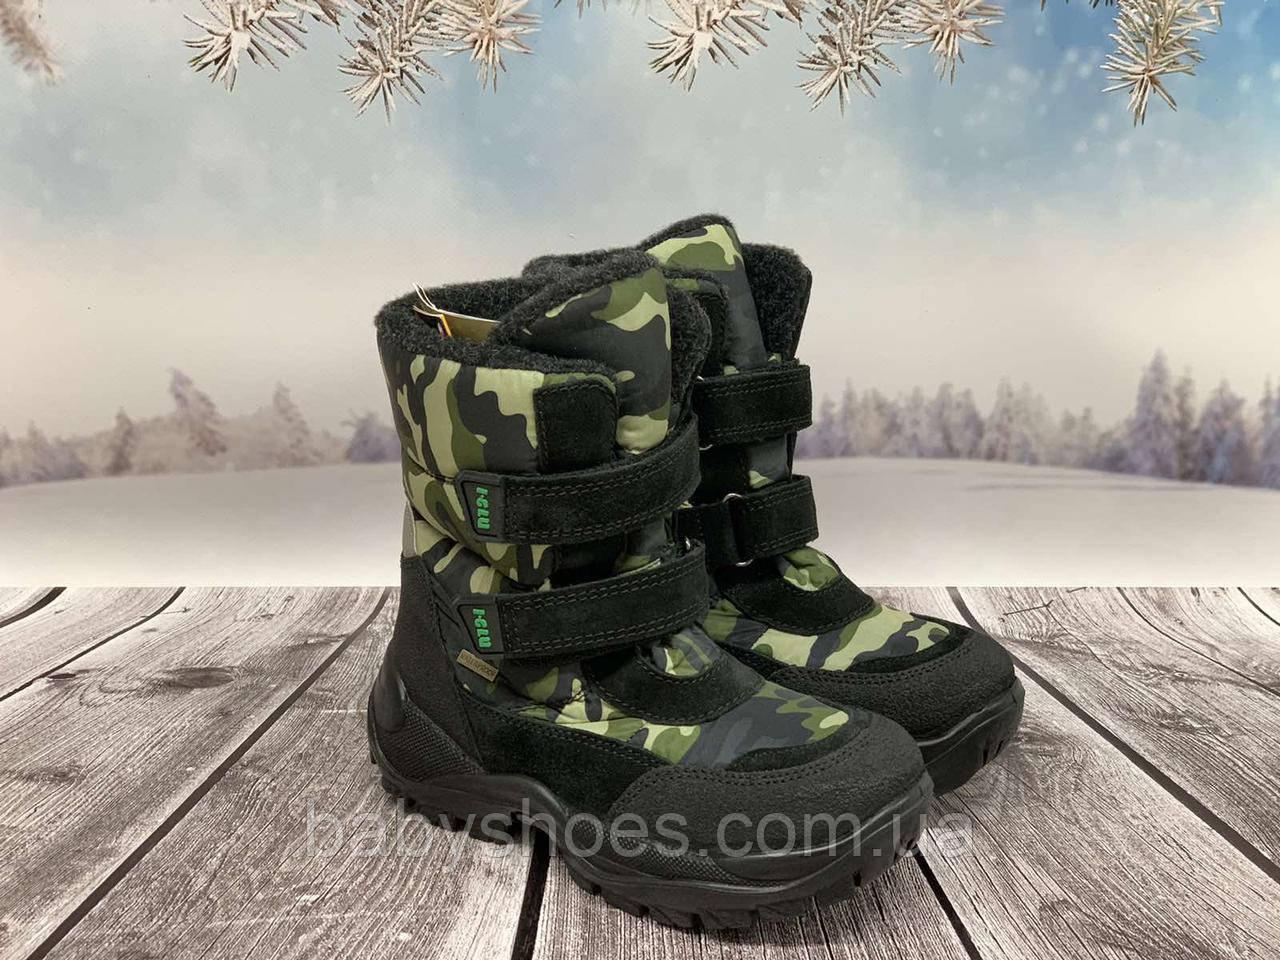 Зимние мембранные ботинки Tigina в наличии для мальчика р. 29, 33, F-18